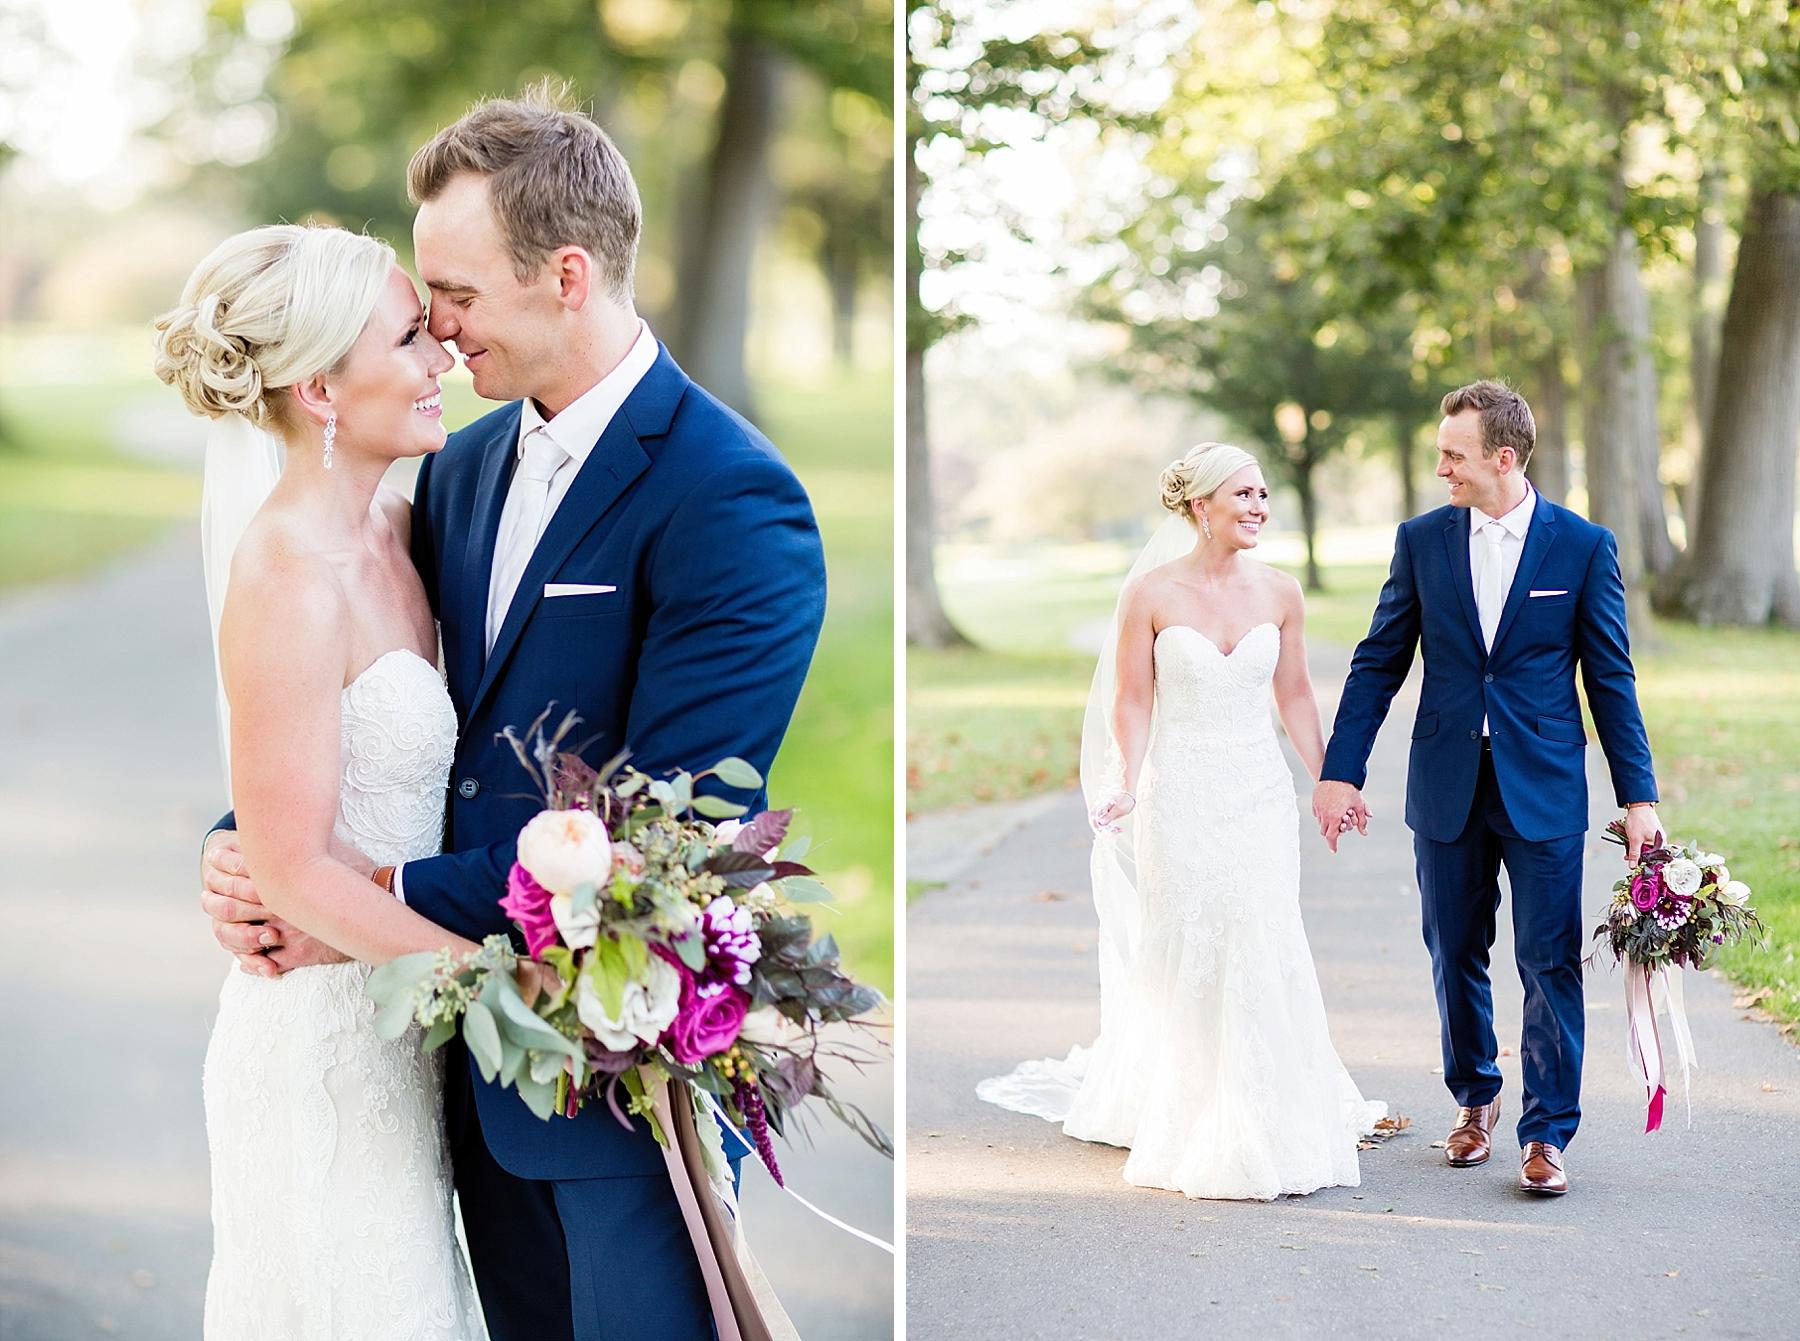 windsor-wedding-photographer-essex-golf-country-club-wedding-eryn-shea-photography_0053.jpg